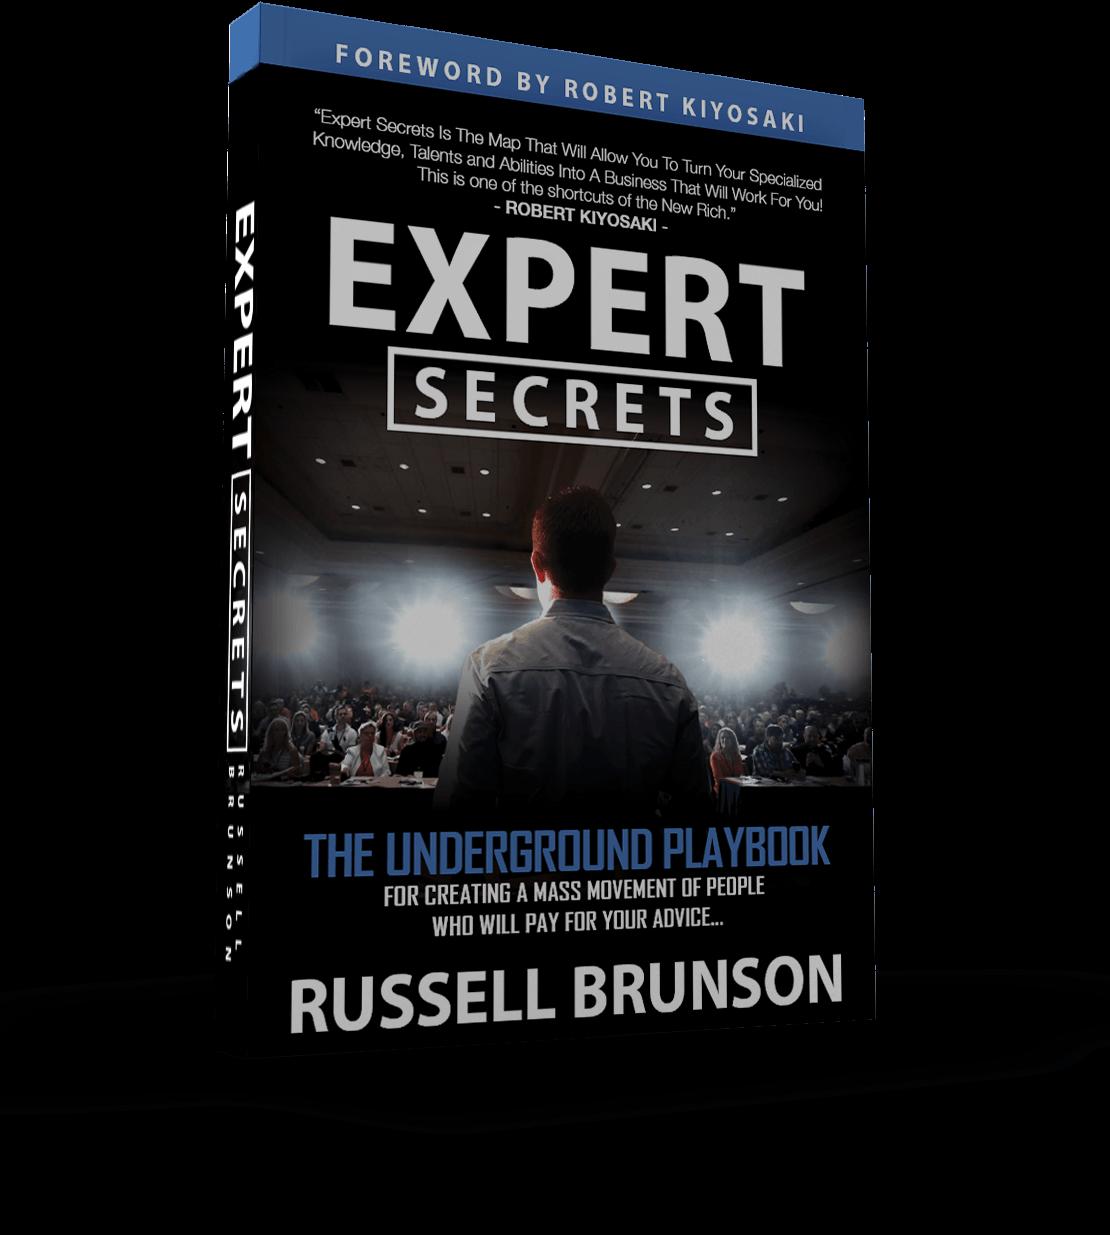 ExpertSecret-RussellBrunson2